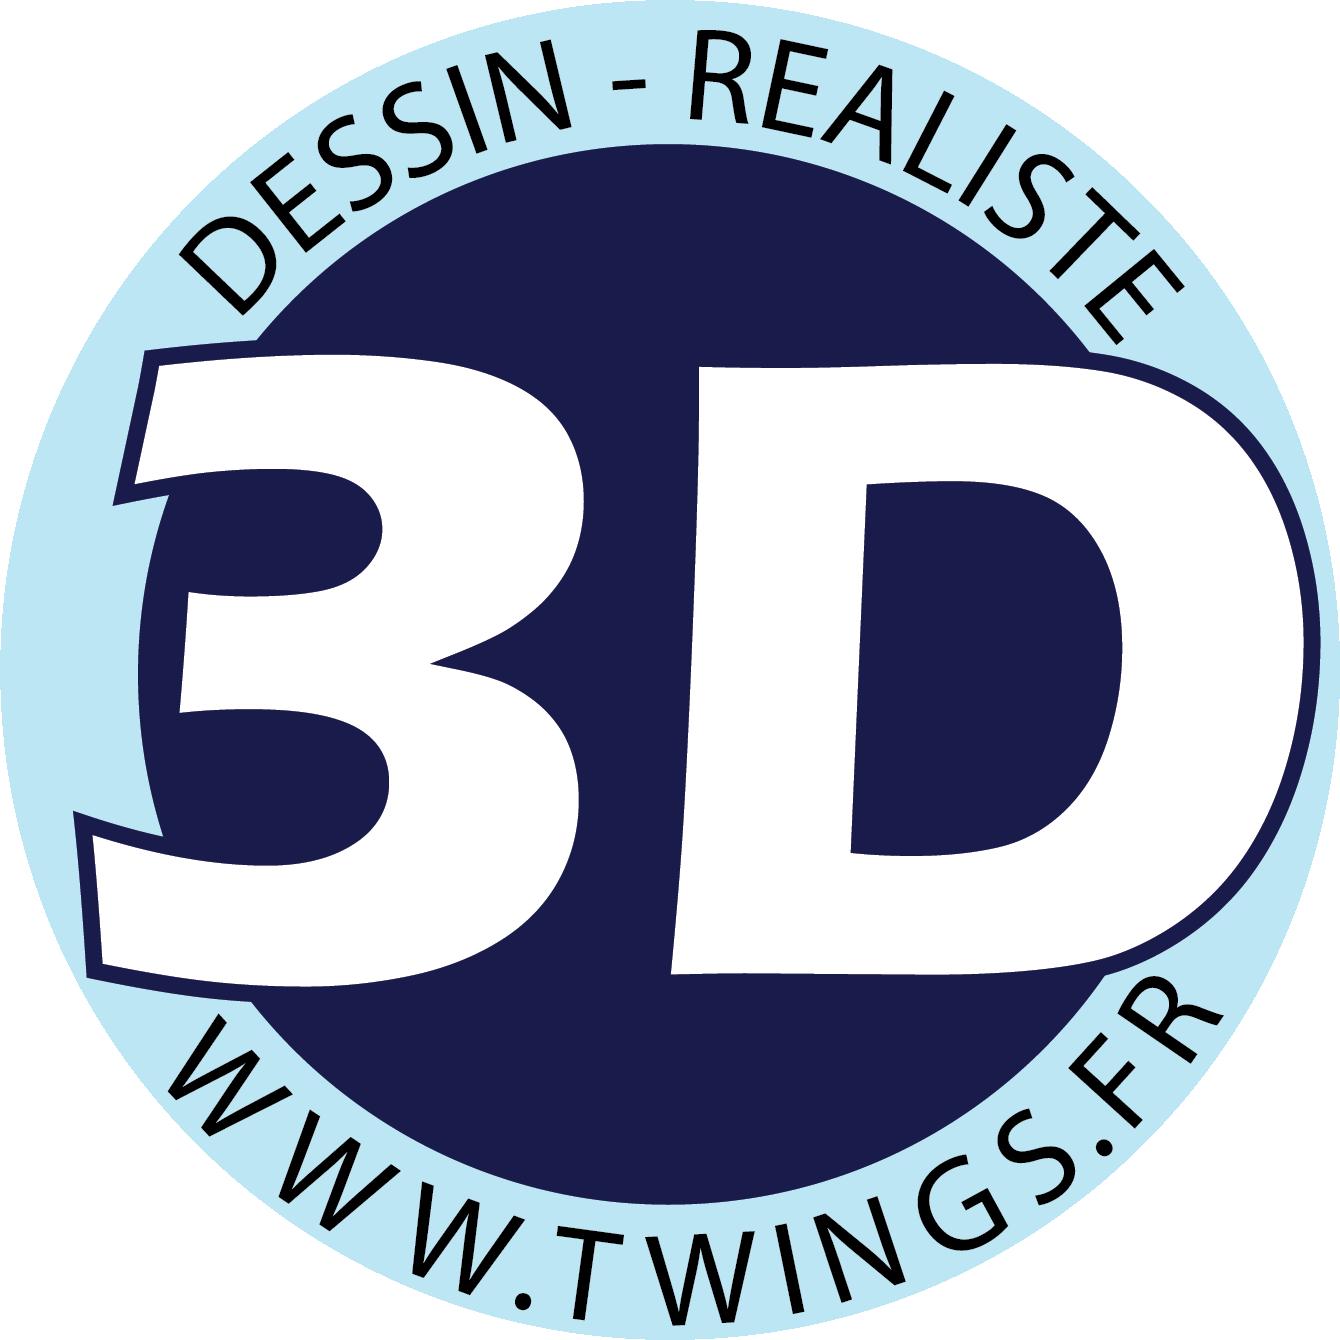 Twings Logo - Dessin image 3D réaliste